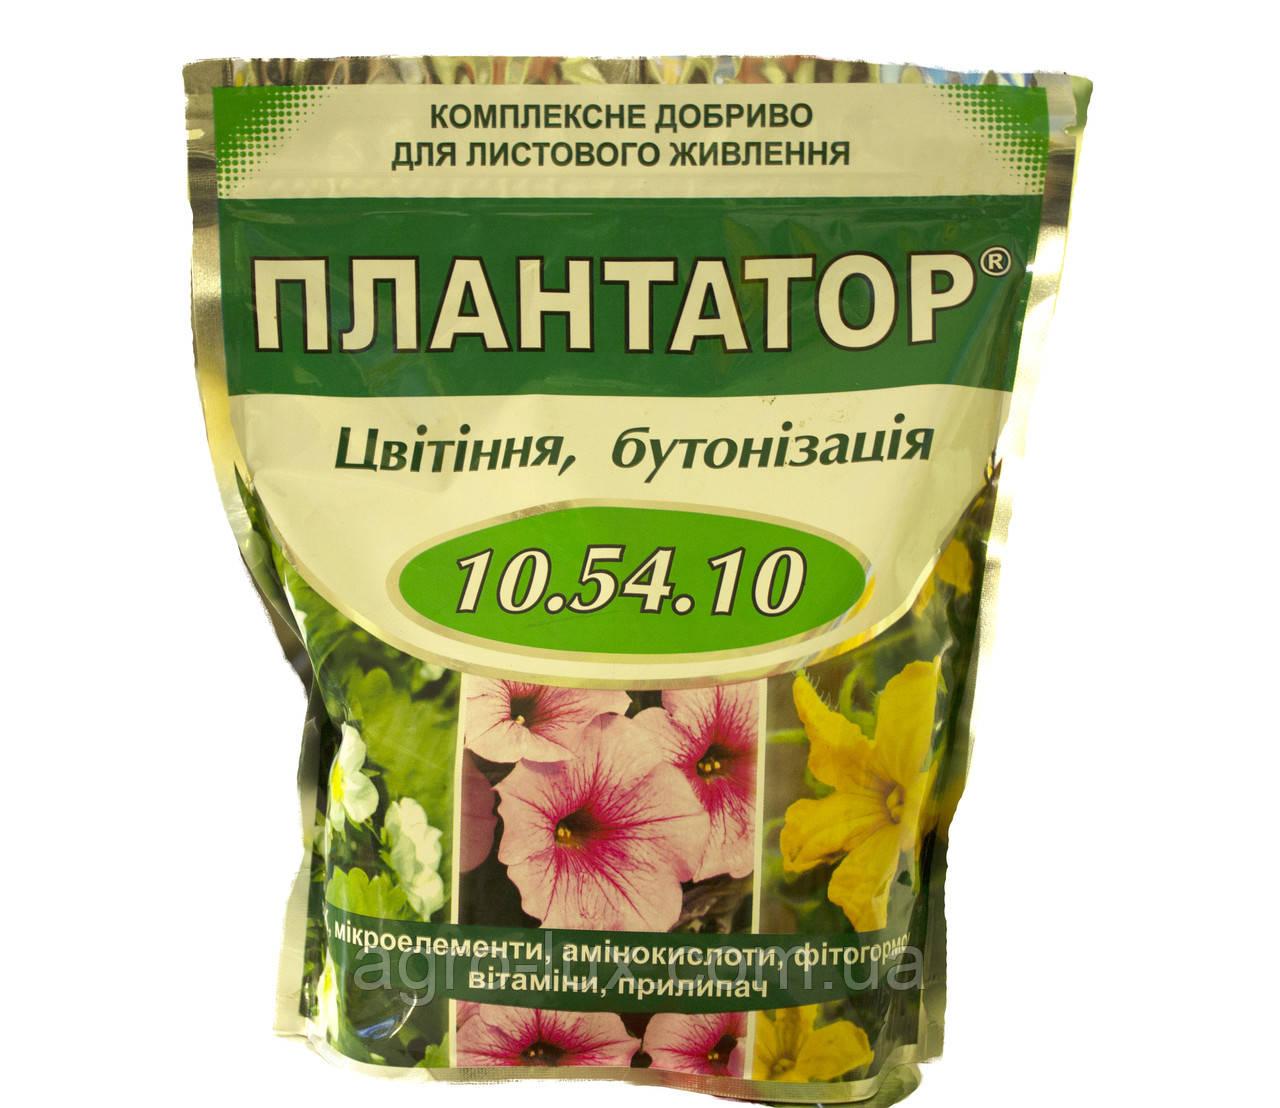 Плантатор - 10,54,10  цветение, бутонизация 1 кг